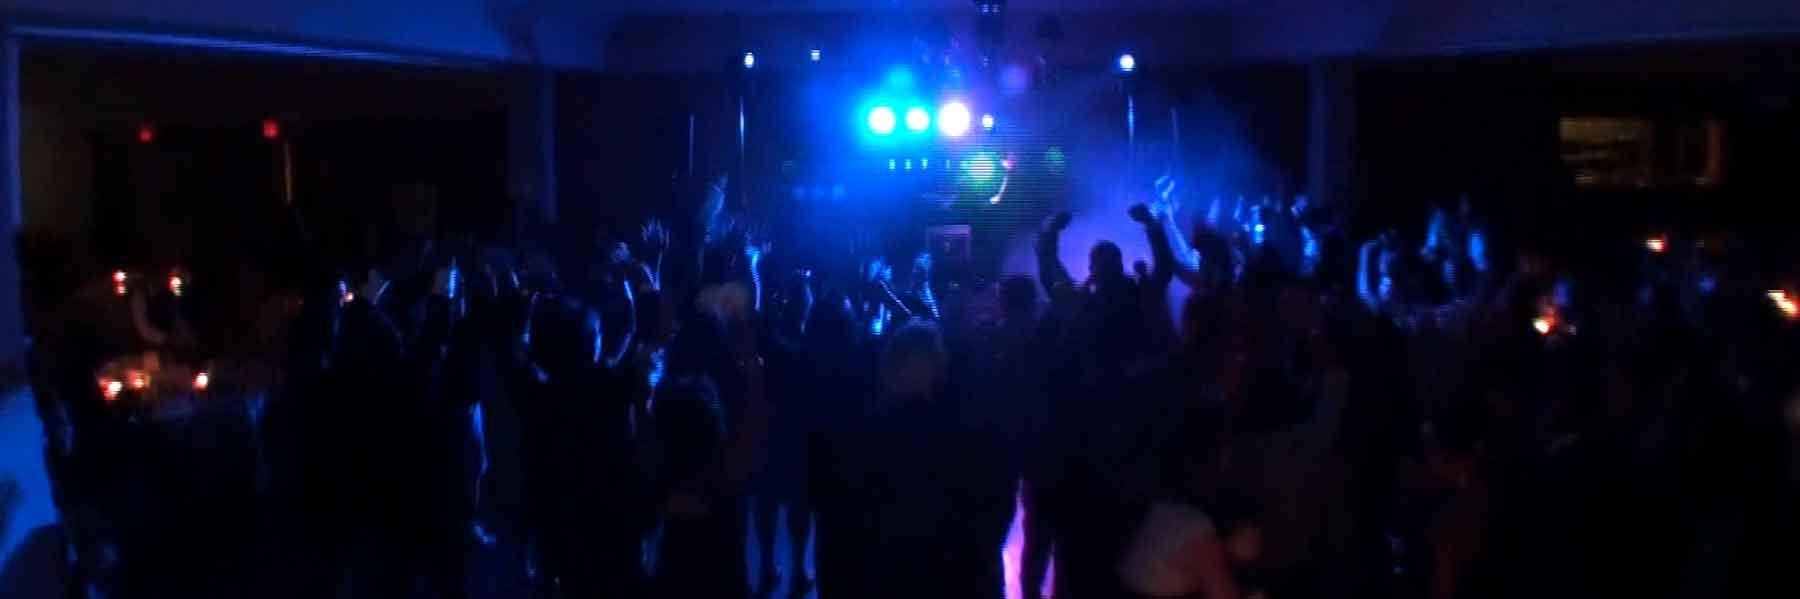 Best-Wedding-DJs-in-Toronto-at-Bayview-Golf